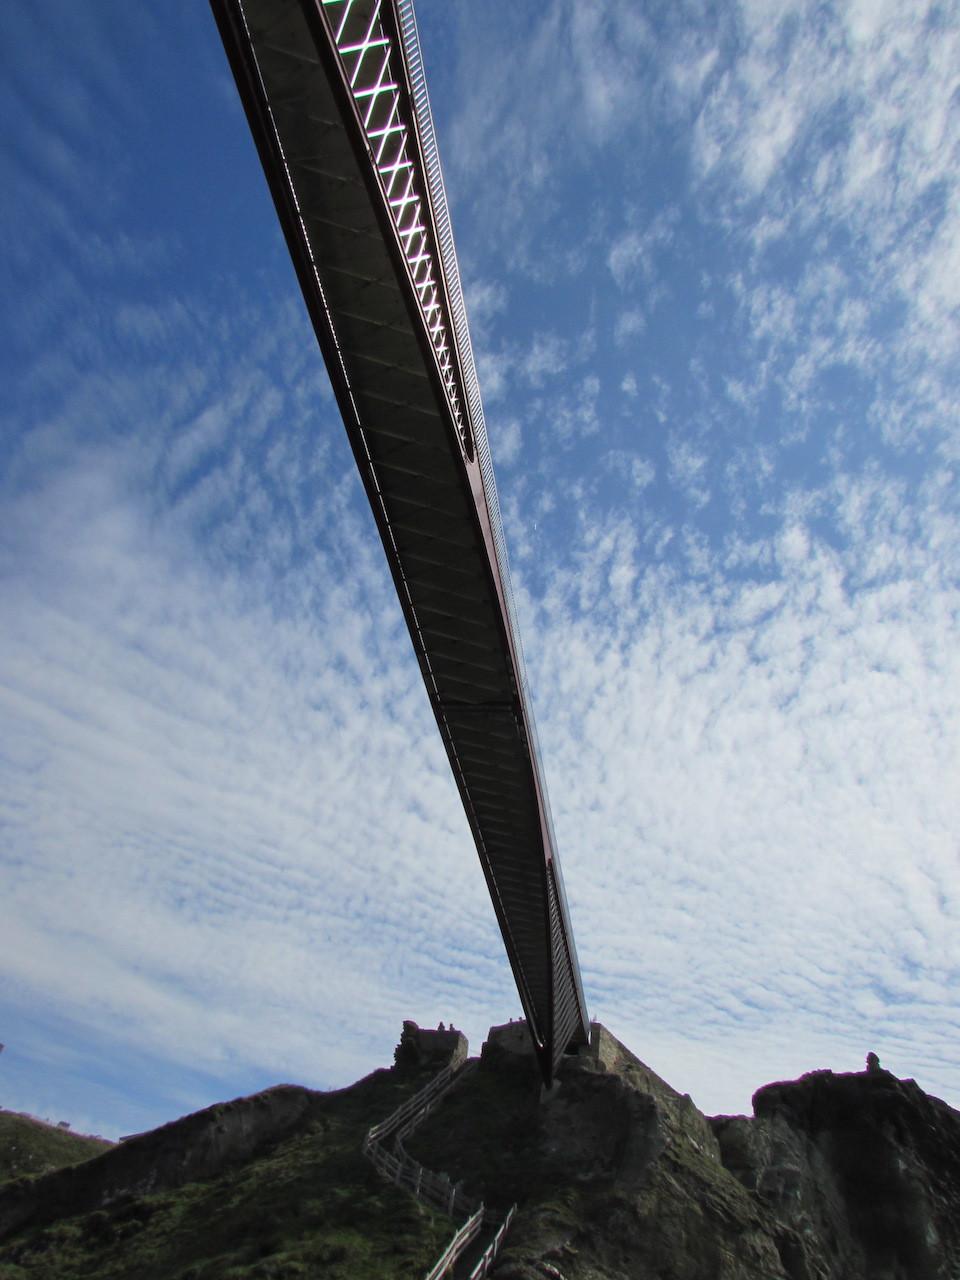 Tintagel bridge from below